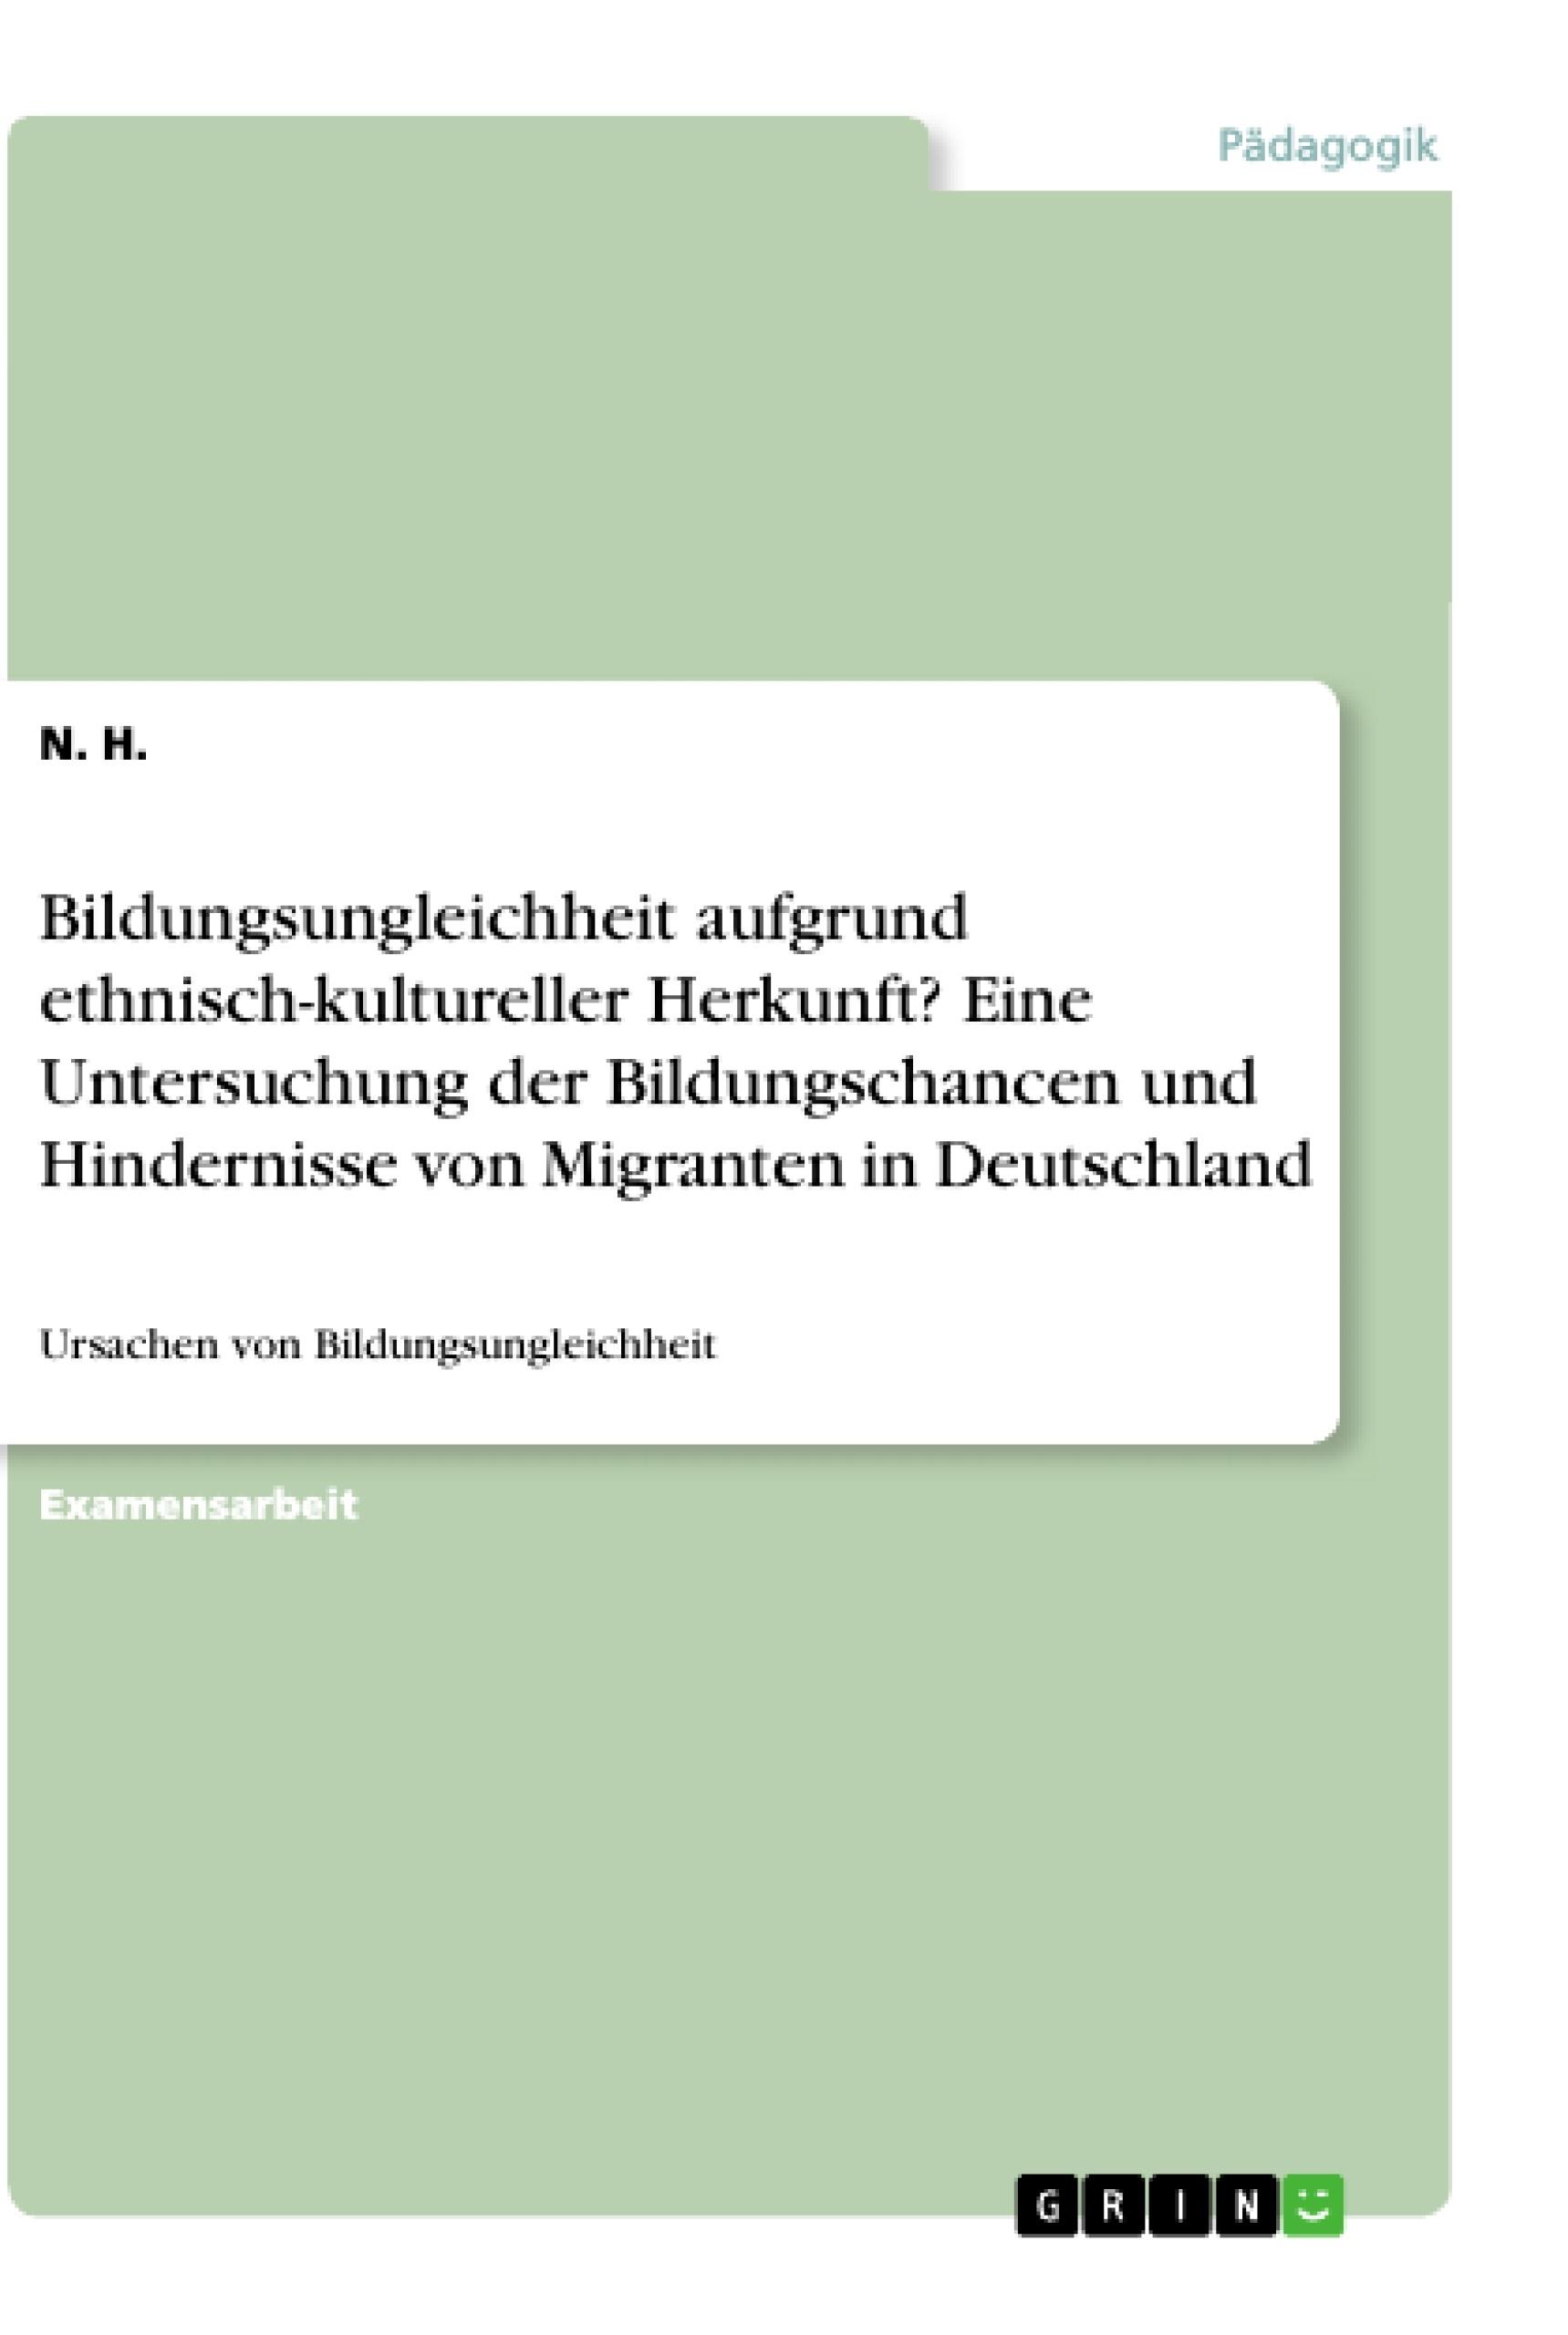 Titel: Bildungsungleichheit aufgrund ethnisch-kultureller Herkunft? Eine Untersuchung der Bildungschancen und Hindernisse von Migranten in Deutschland